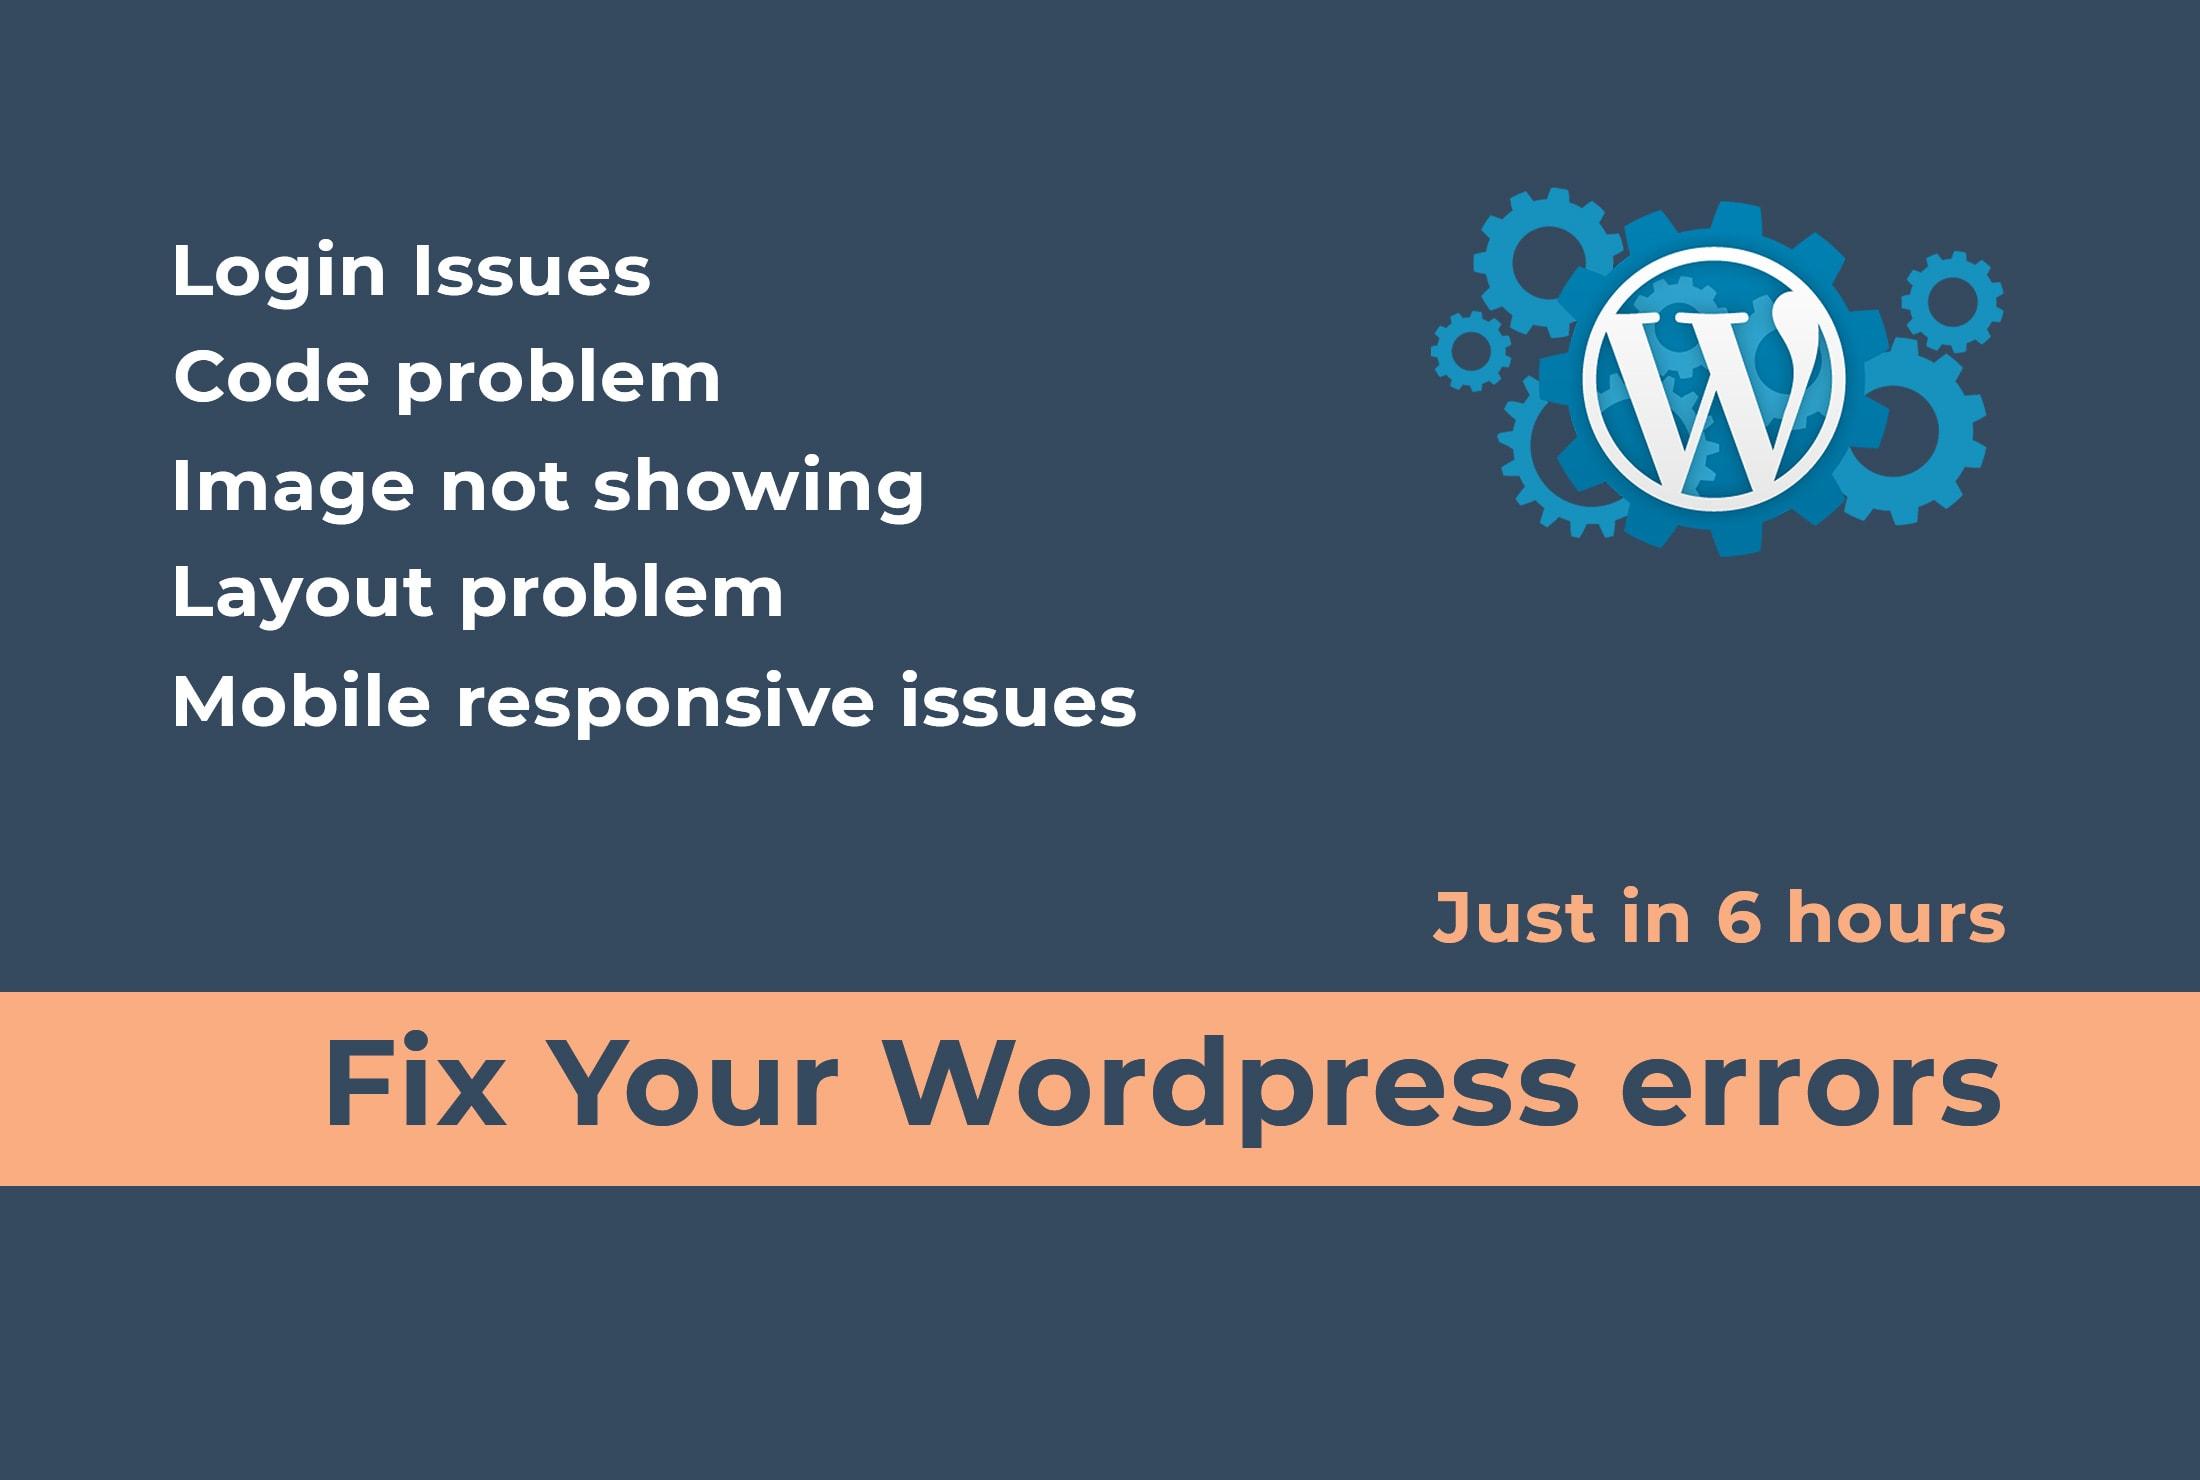 I will fix wordpress errors in 6 hrs